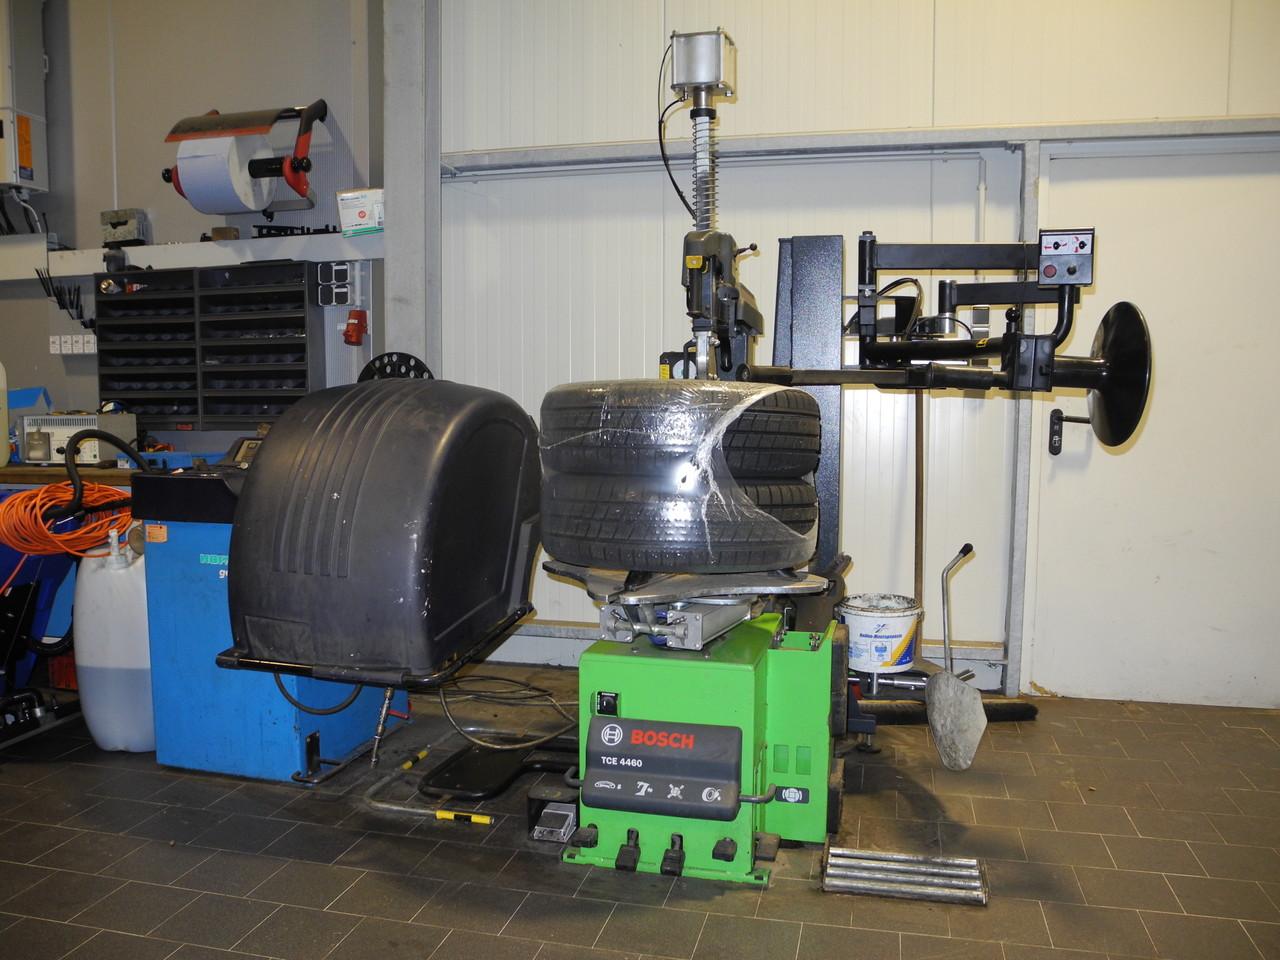 moderne Reifenmontagegeräte (auch Runflatreifen) und Wuchtgeräte